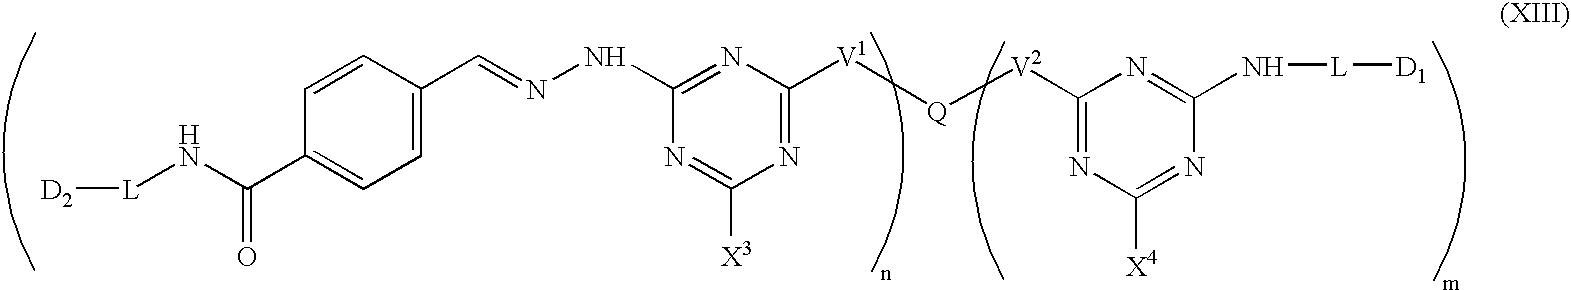 Figure US20050136406A1-20050623-C00016